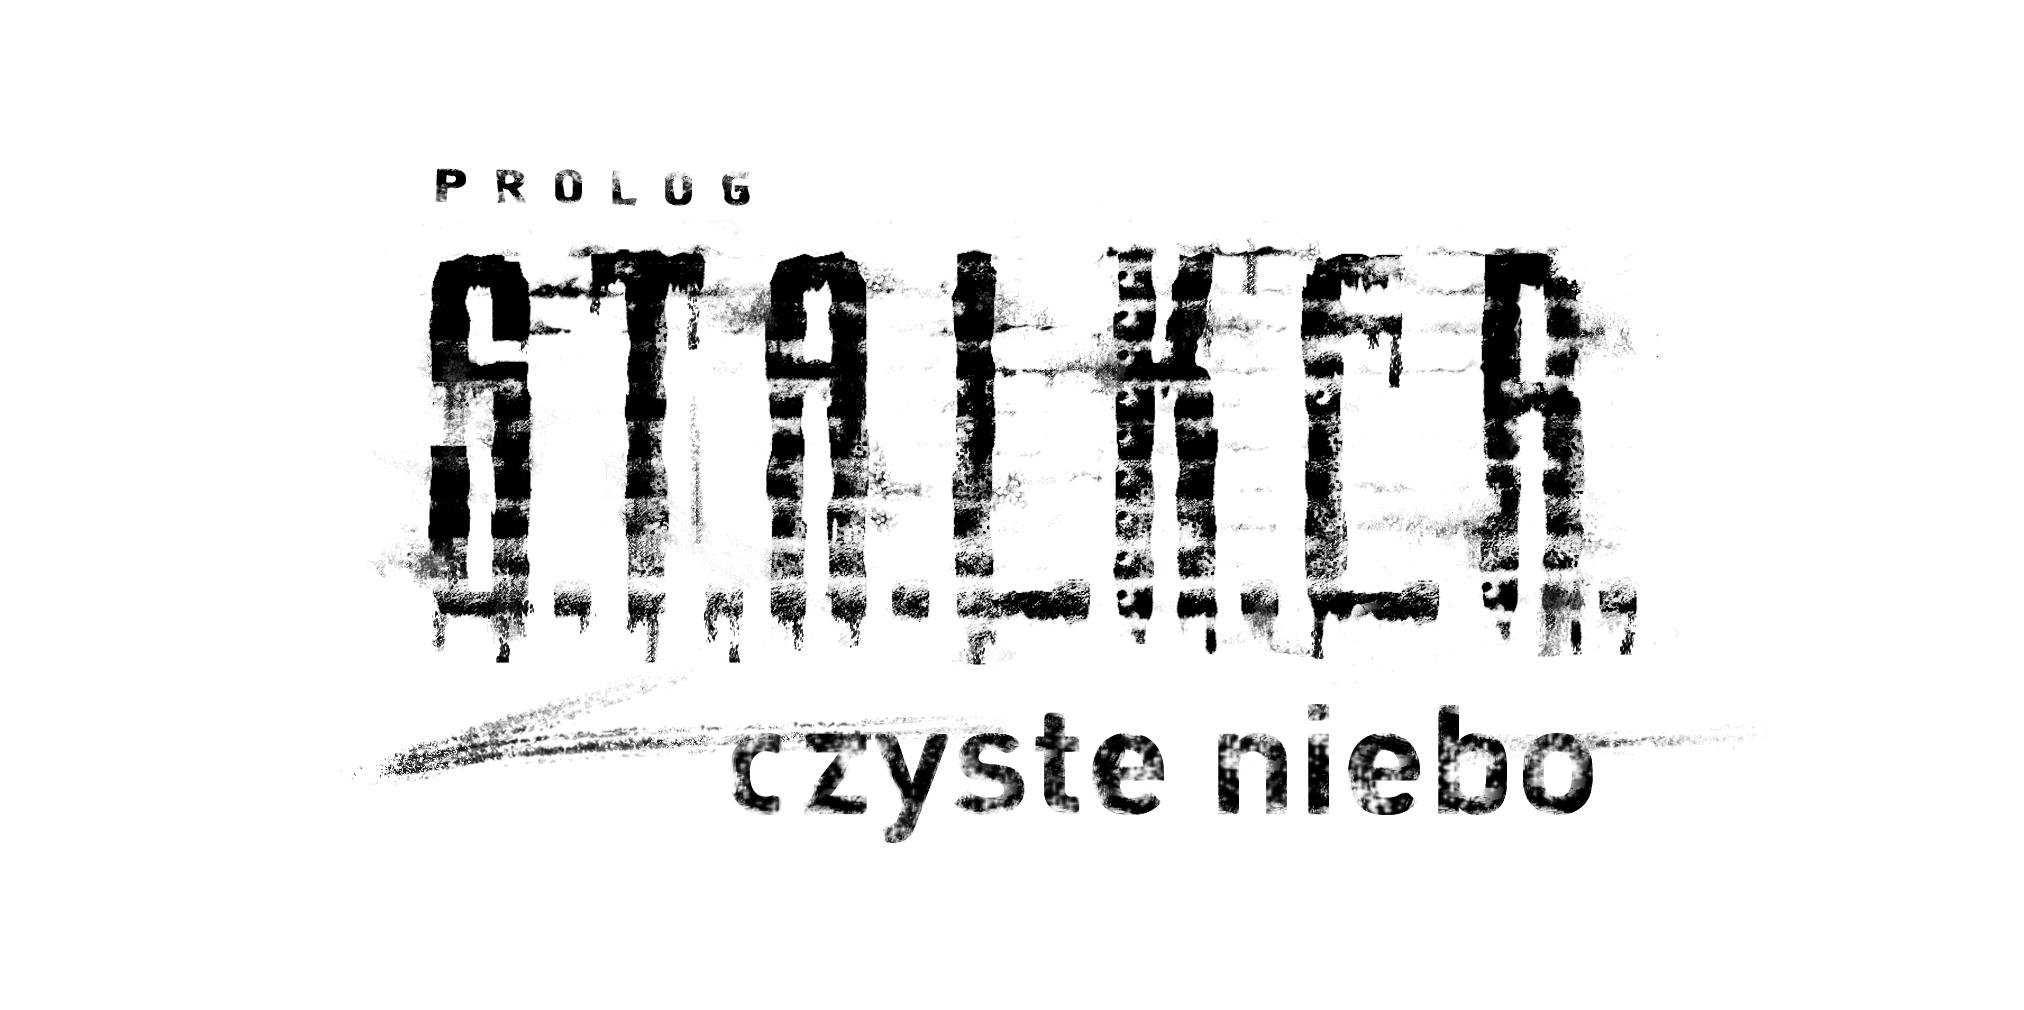 spawner stalker czyste niebo władca zony 5.0.rar - Stalker - AfterGun ...: chomikuj.pl/AfterGun/Stalker/spawner+stalker+czyste+niebo+w*c5...